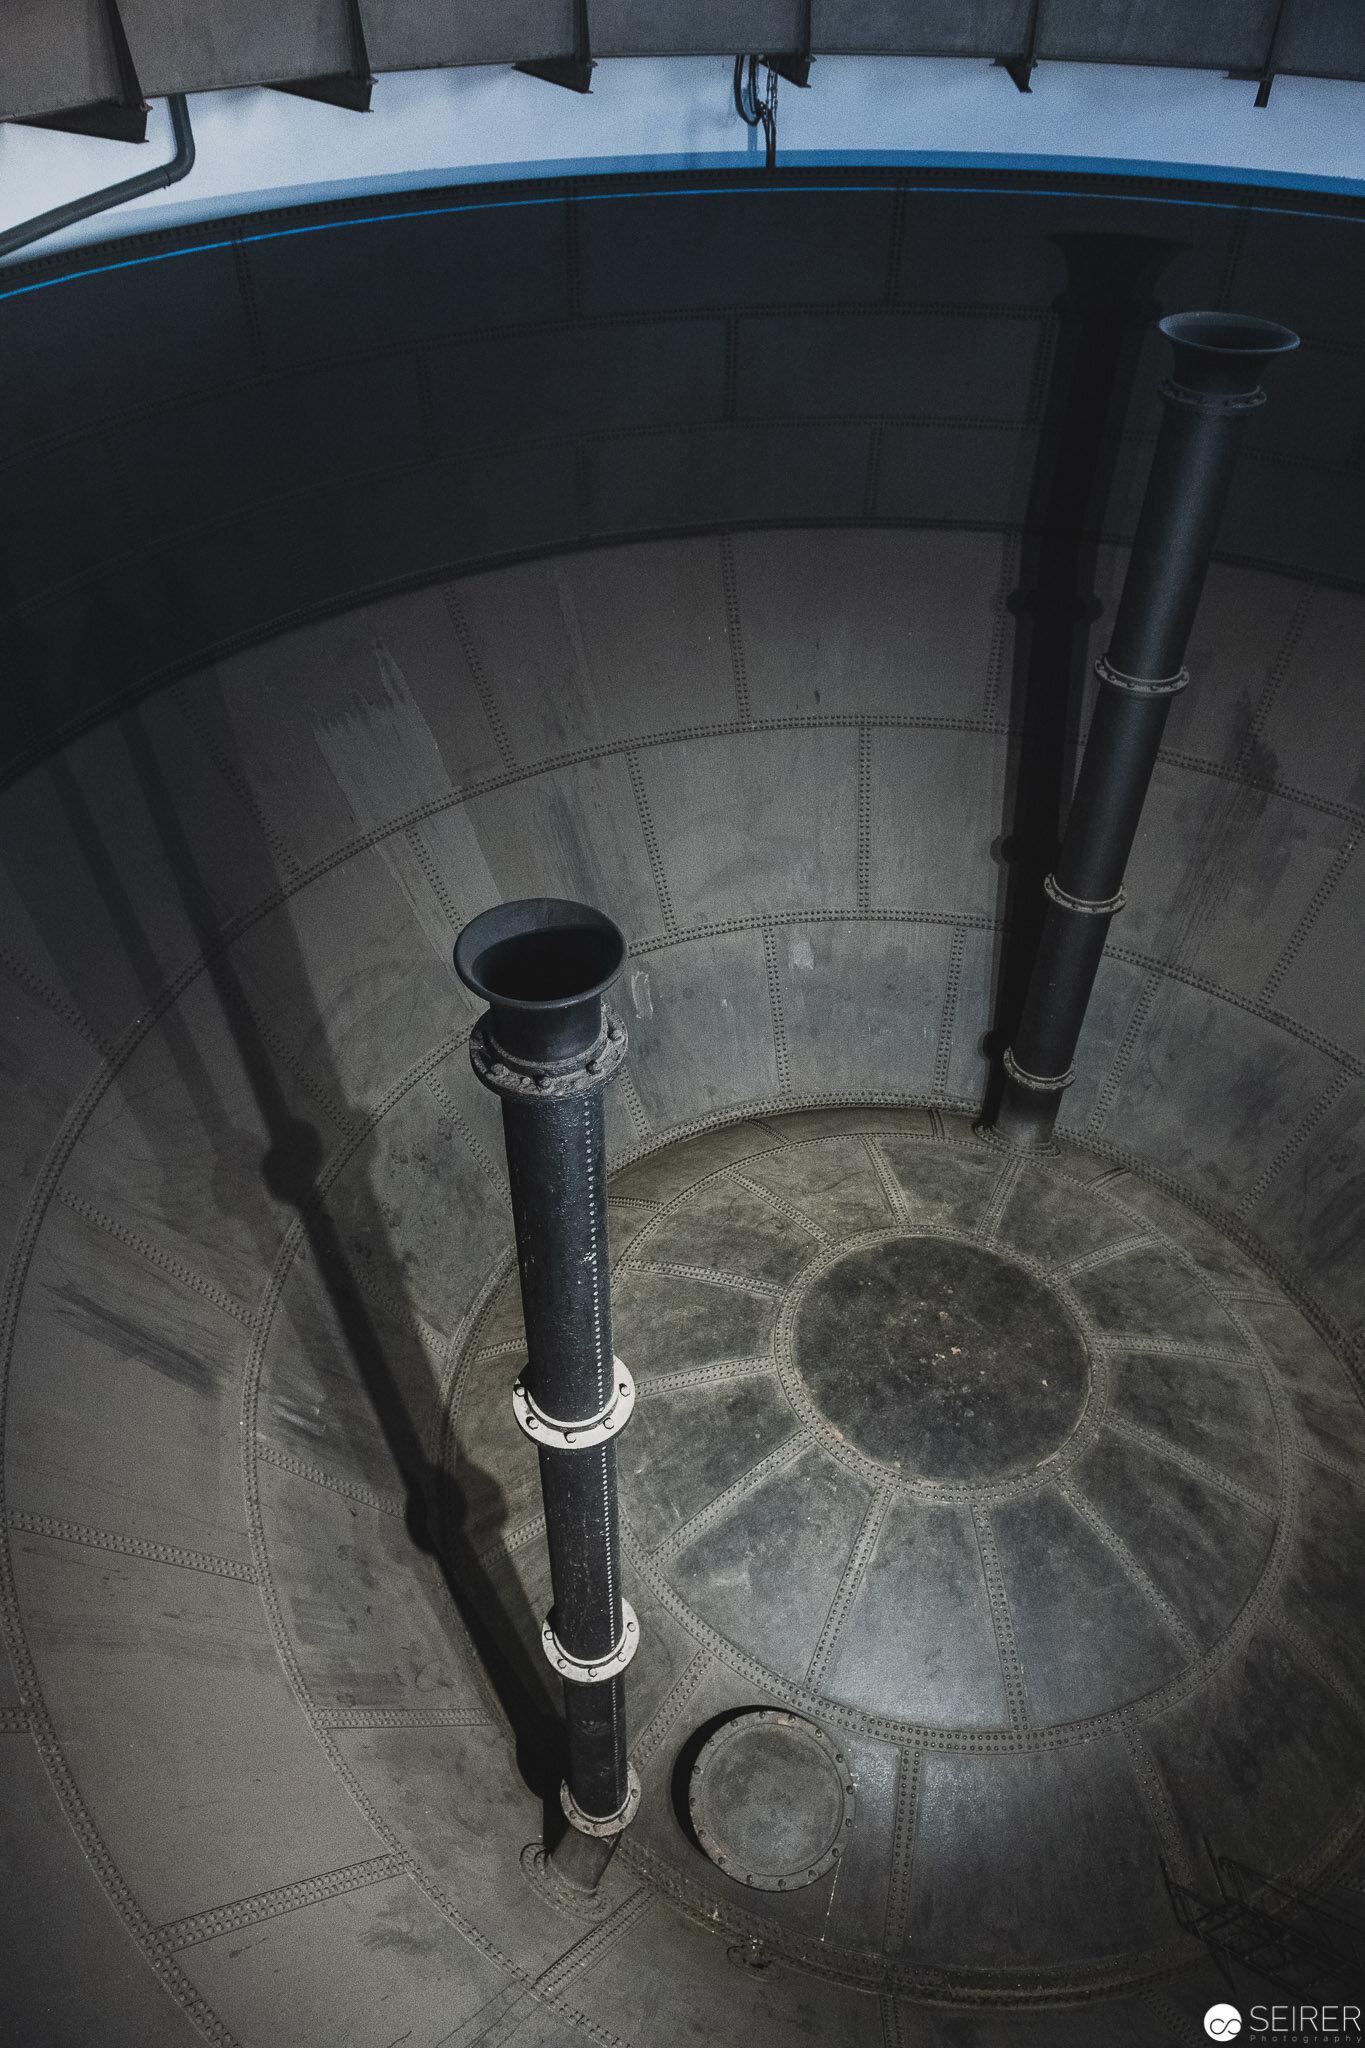 Seit 1910 ist der Wasserturm nicht mehr in Betrieb. Die Wasserzuführ für die höher gelegenen Bezirks übernahm damals die II. Wiener Hochquellenleitung - Wasserturm Favoriten